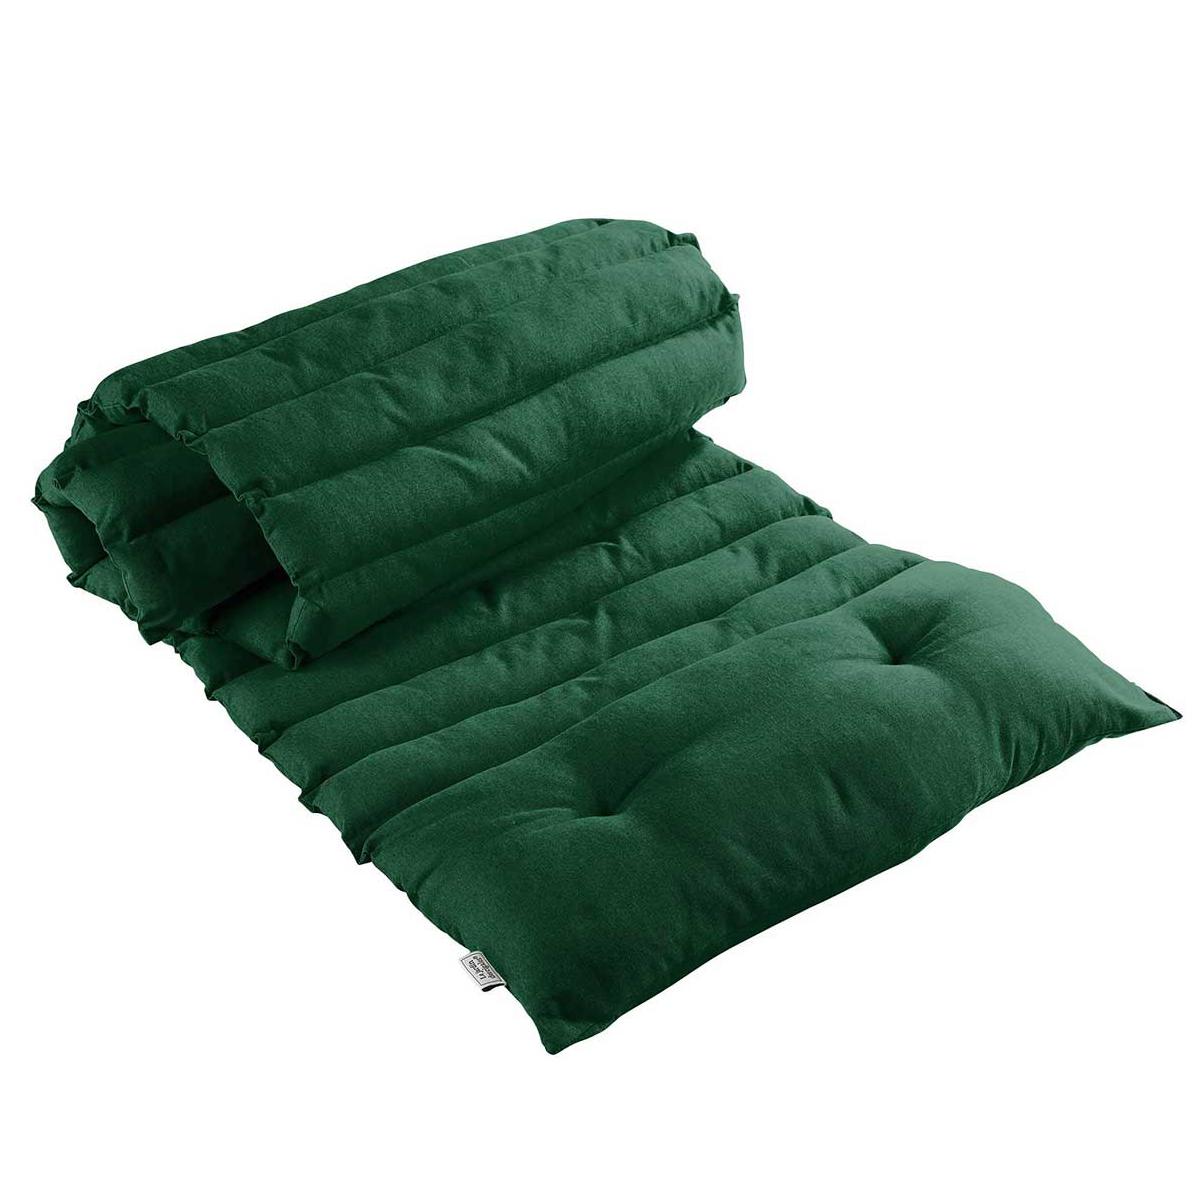 Bain de soleil en coton uni - Vert - 60 x 180 cm